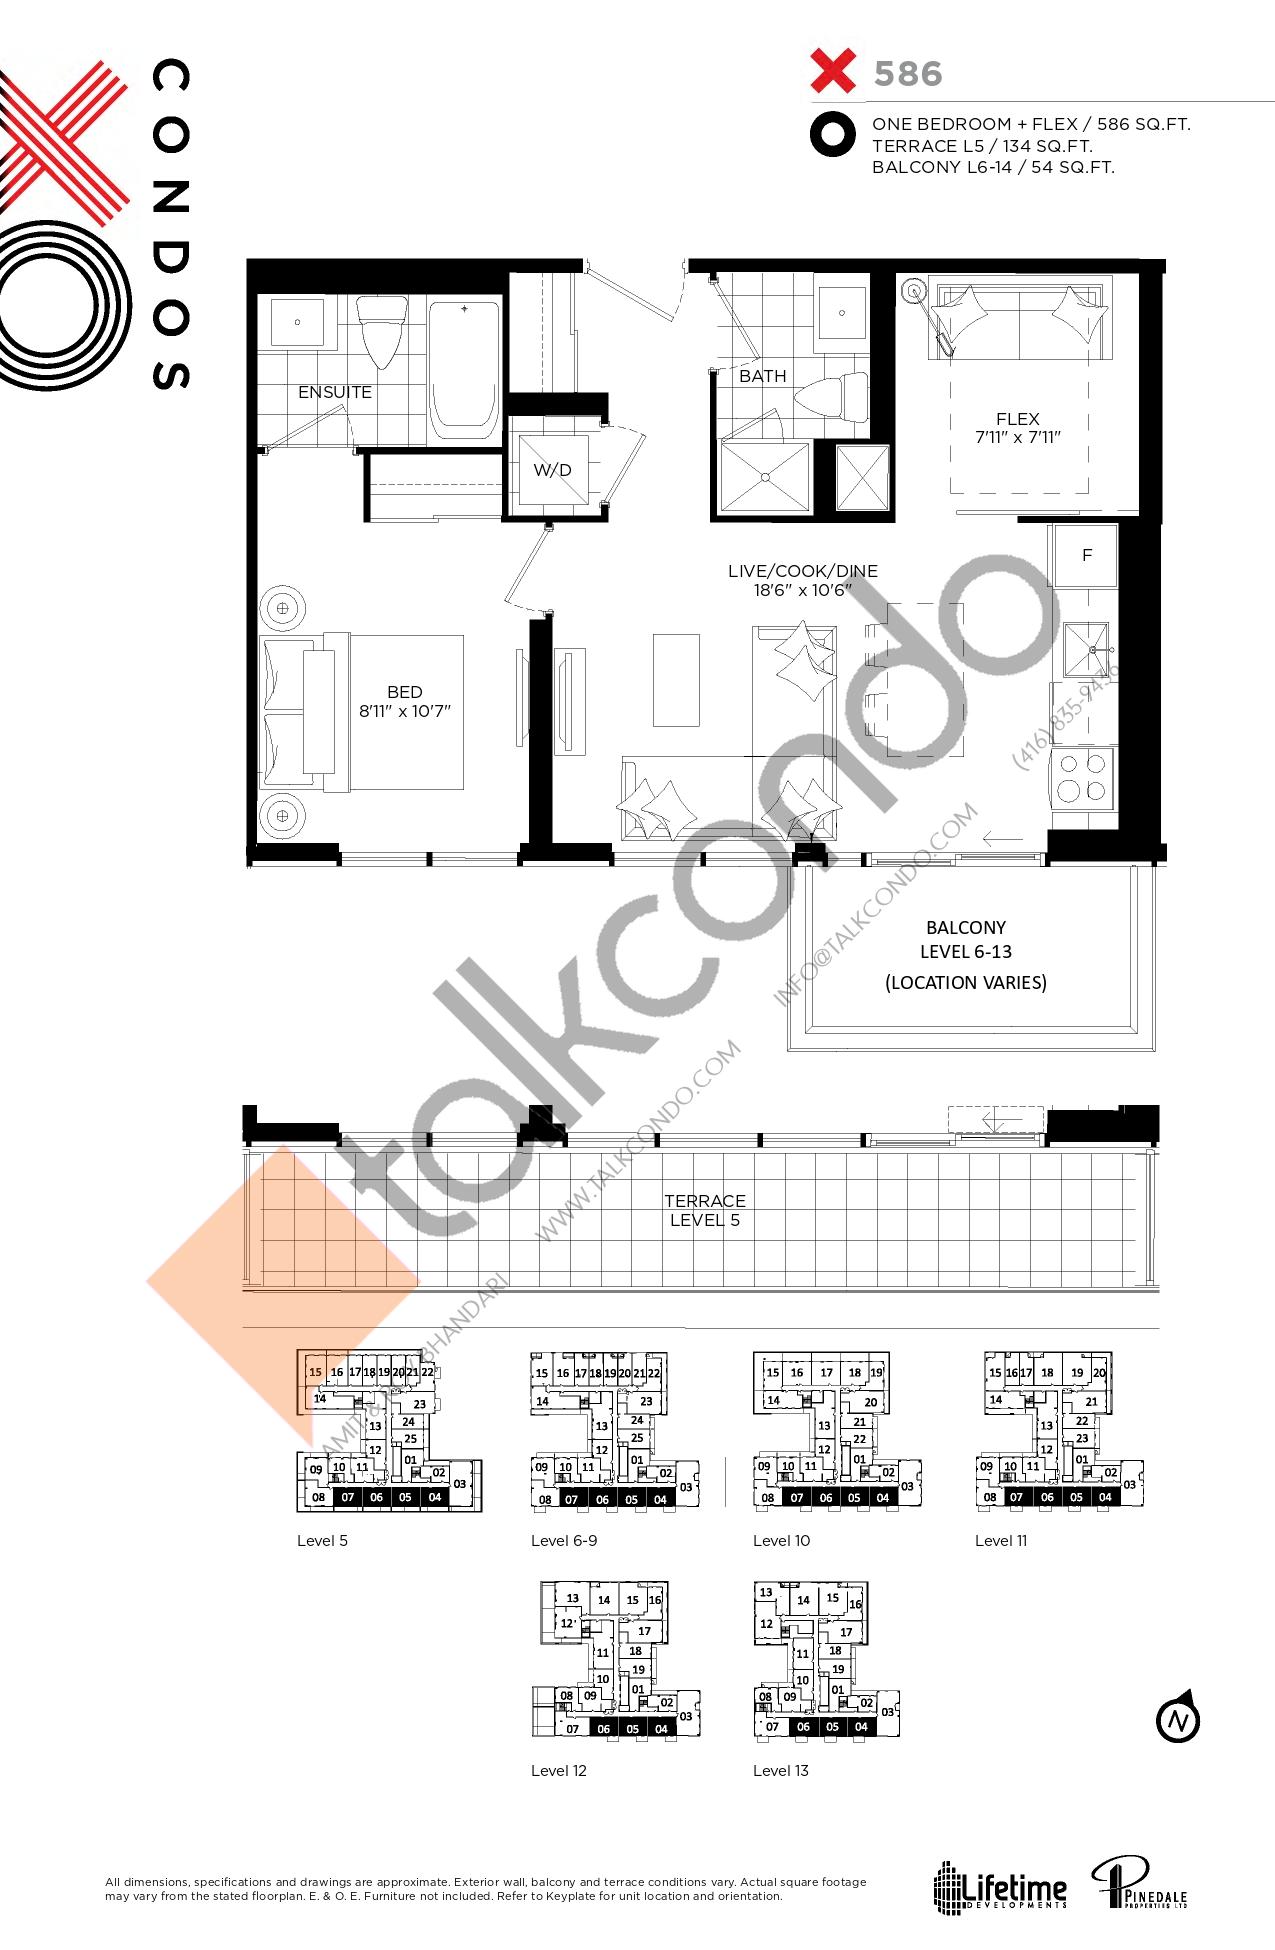 X586 Floor Plan at XO Condos - 586 sq.ft